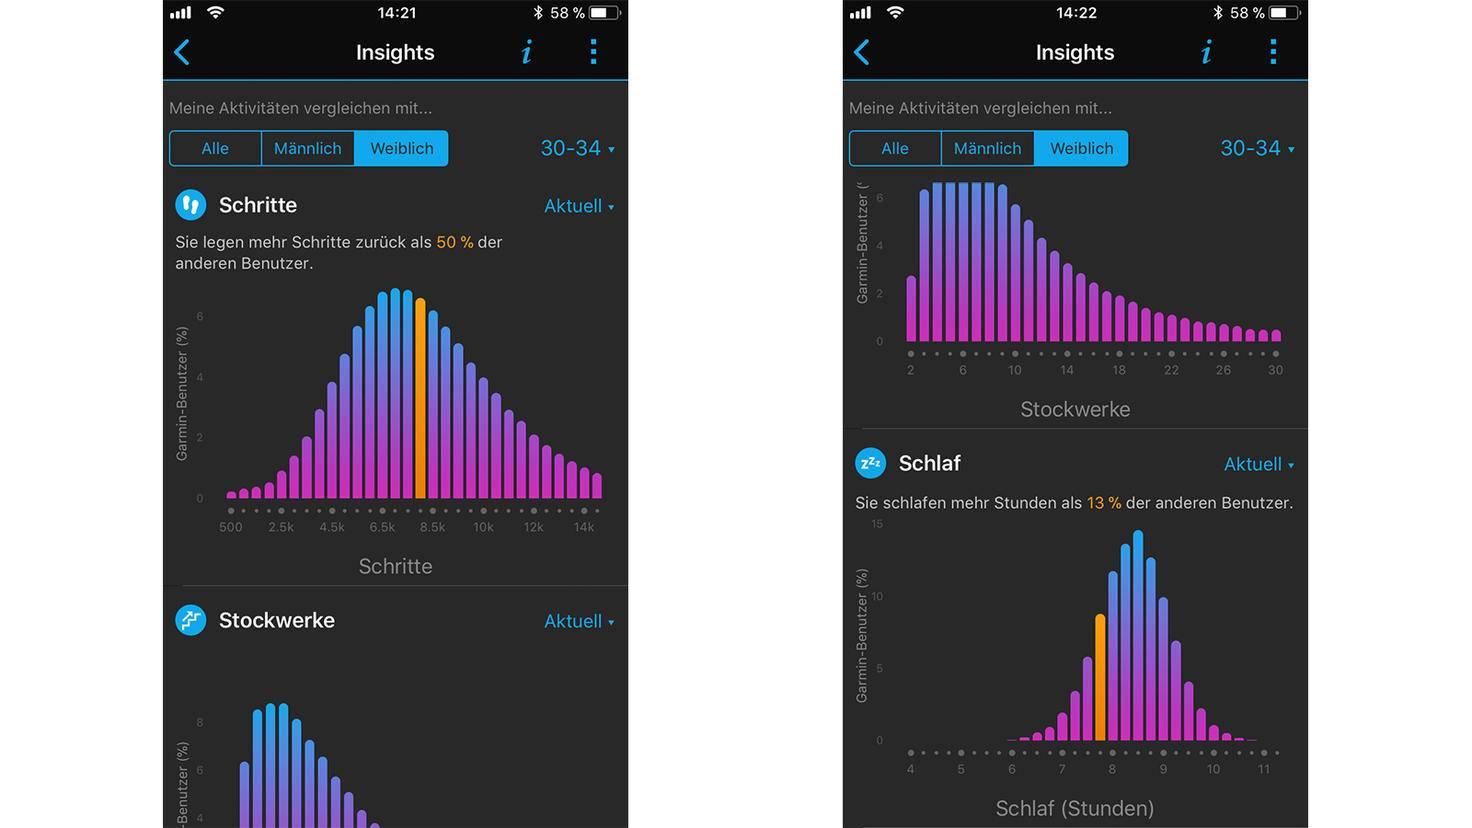 Das Insight-Feature vergleich die eigenen Daten mit denen der anderen Garmin-User.